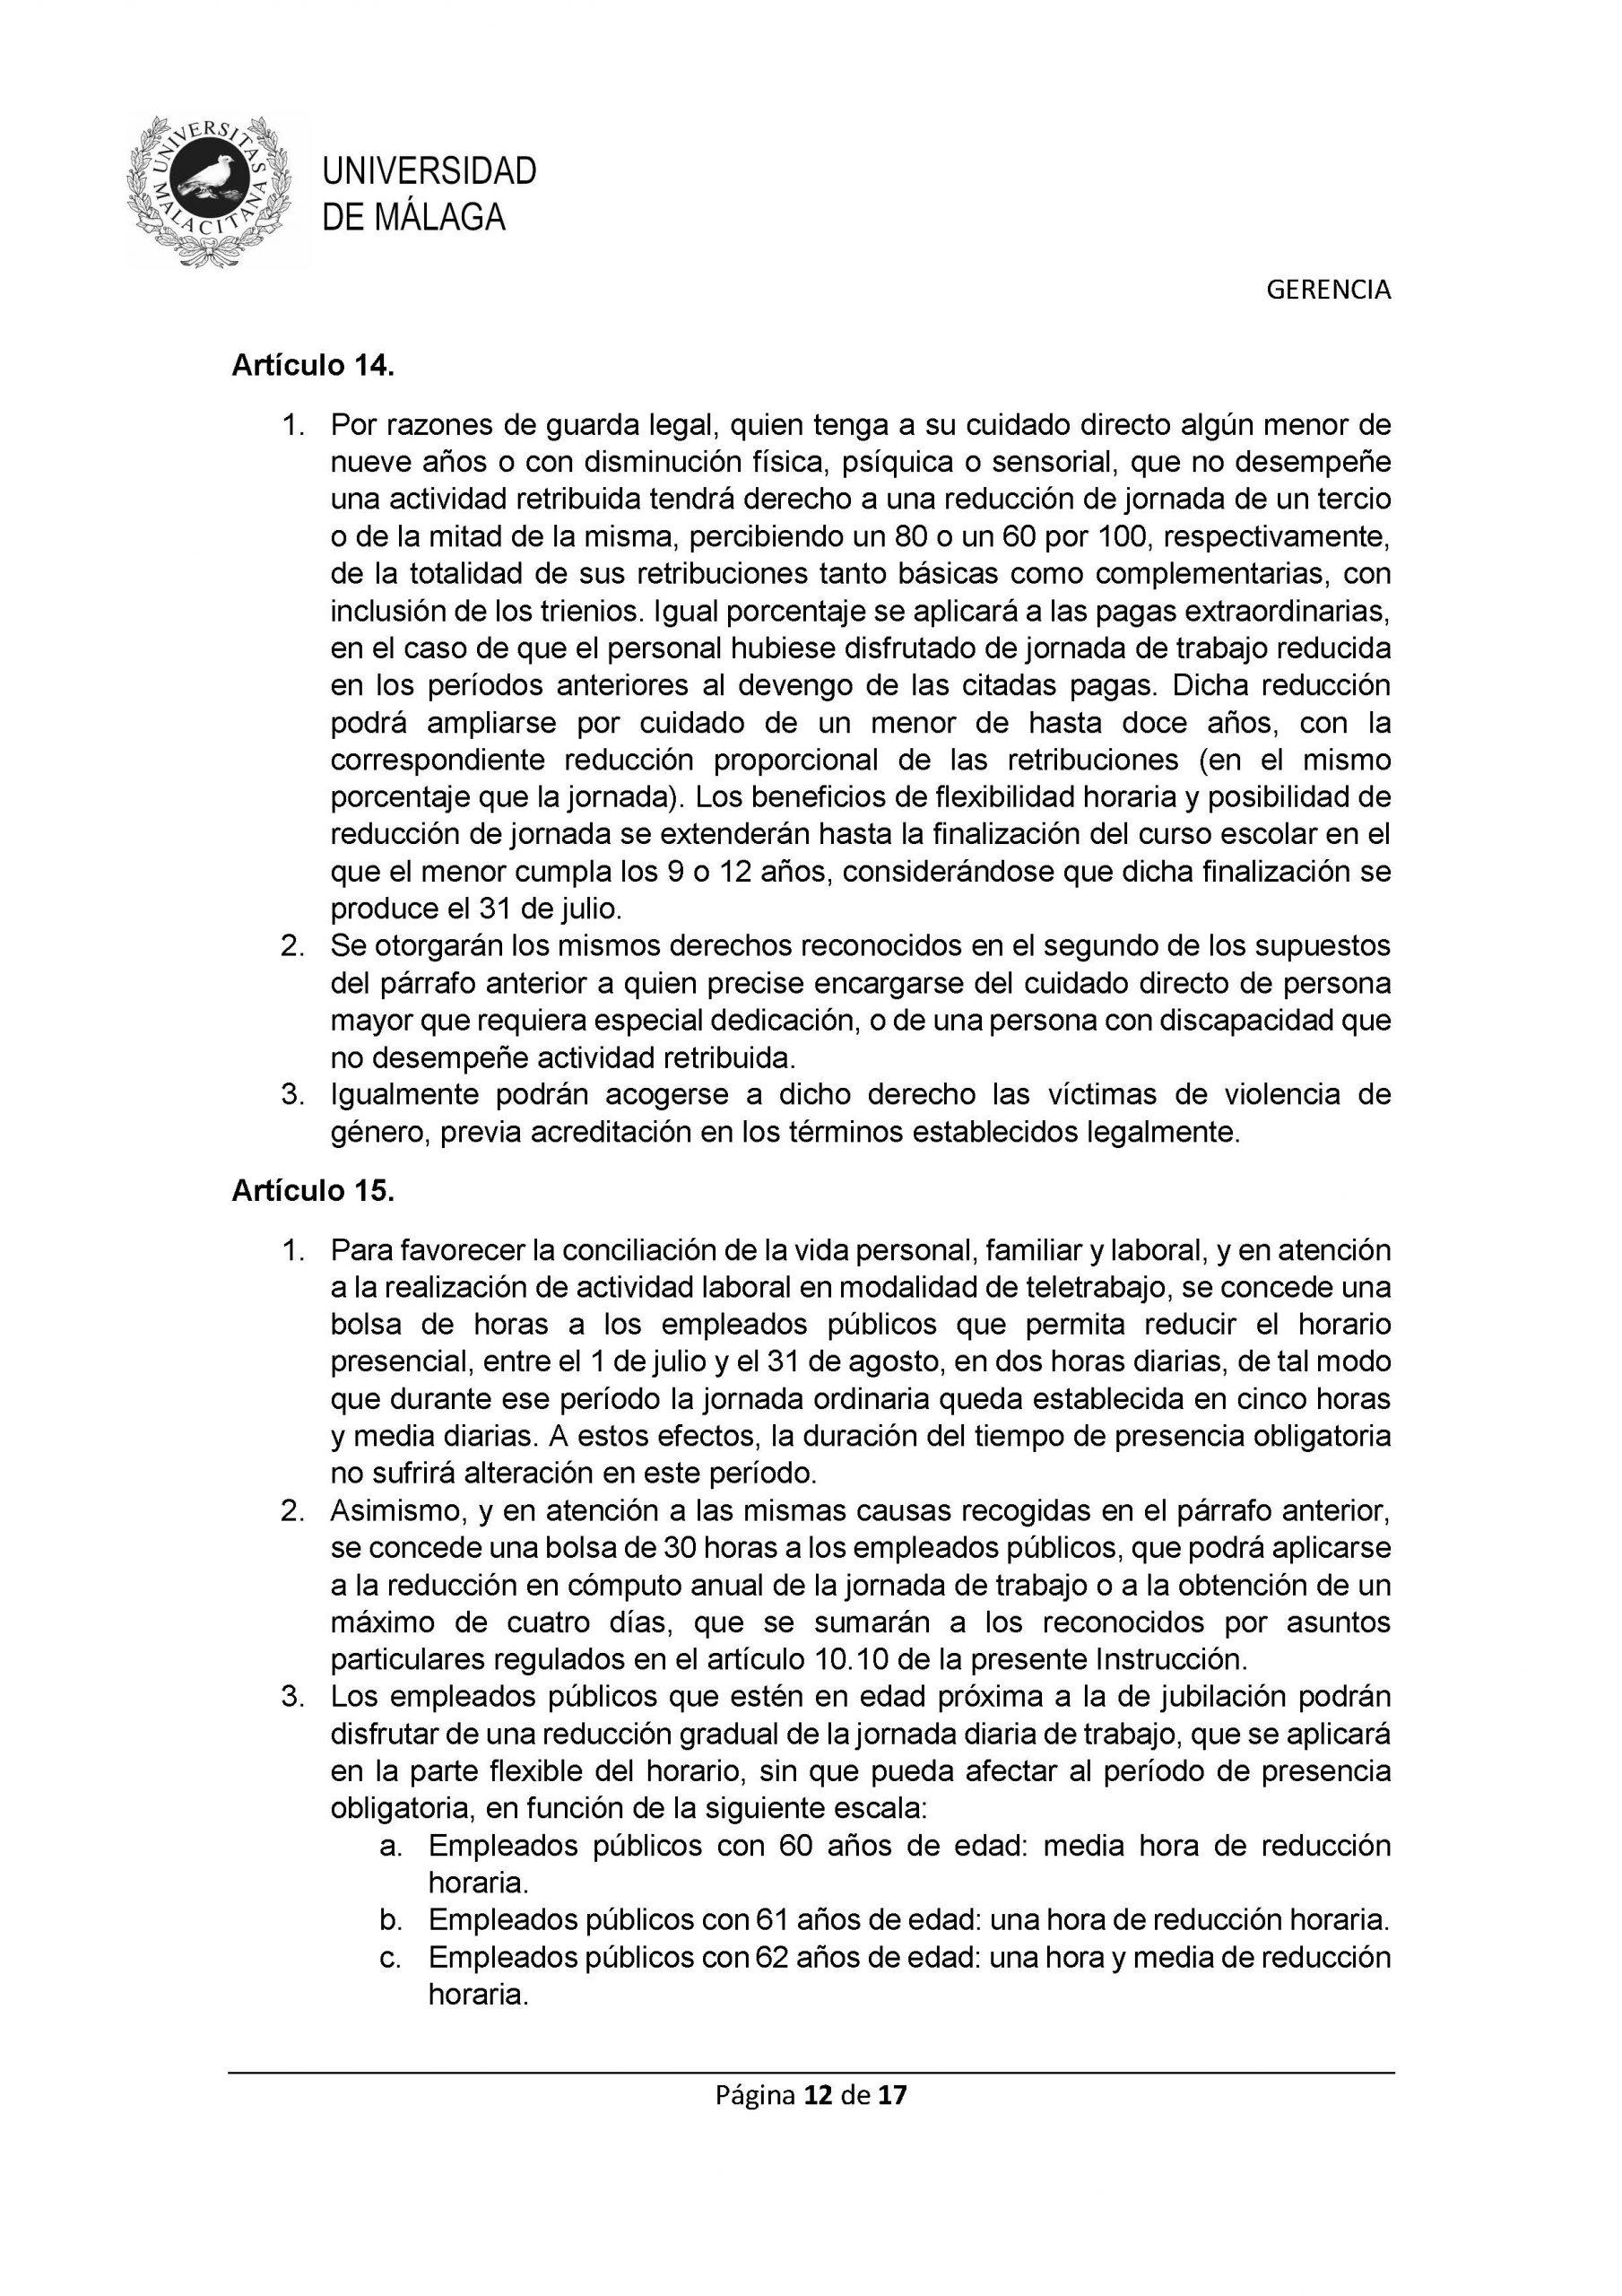 instruccion_interna_texto_final_5_de_mayo_pgina_12